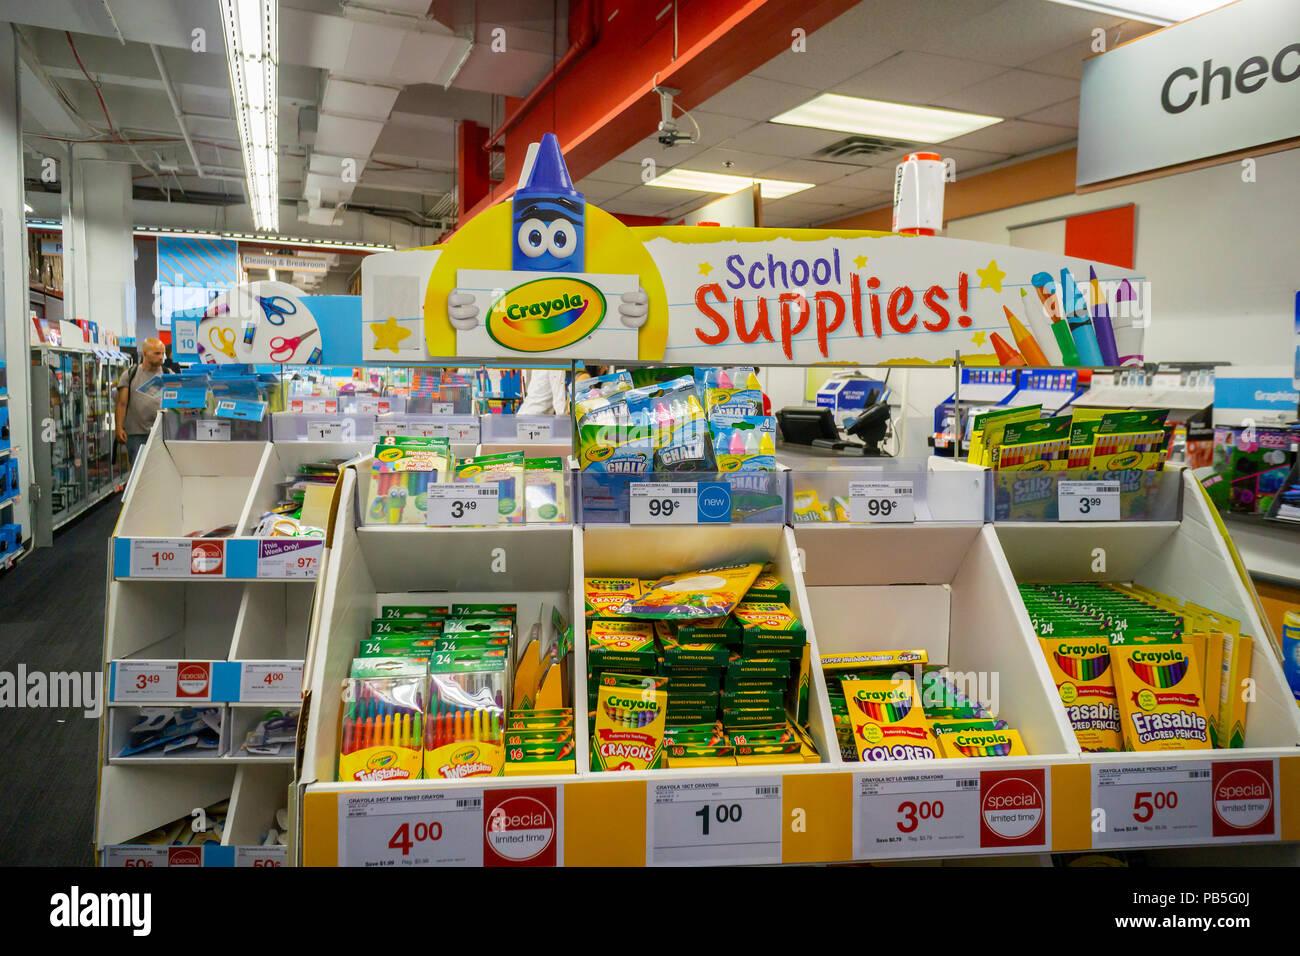 82f0350fad Retour à l'école de Crayola shopping fournitures sont vus dans un magasin  Staples à